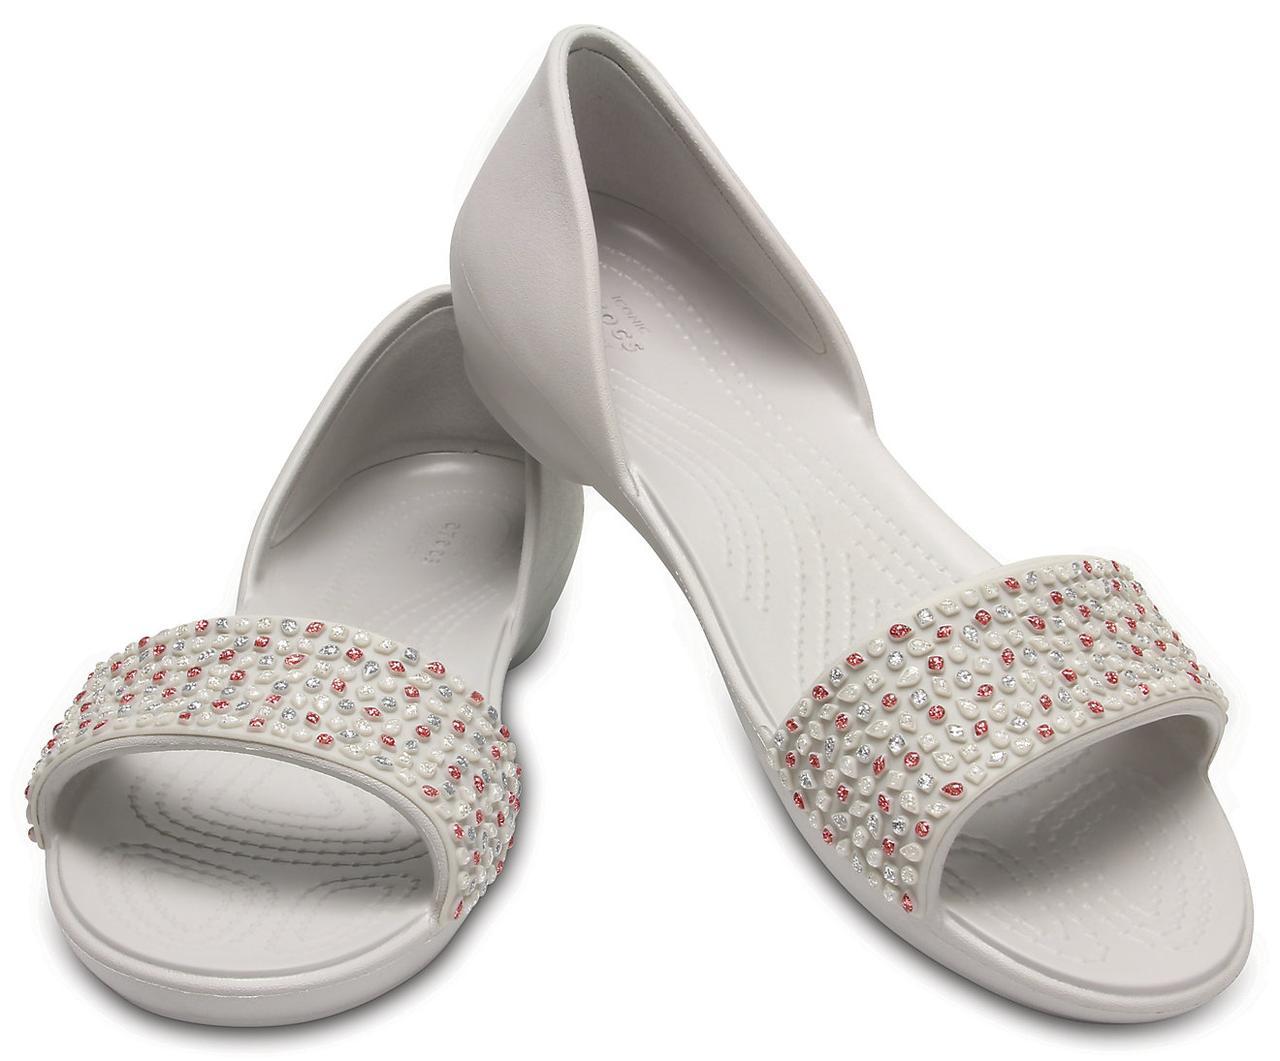 Босоножки кроксы Crocs Lina Embellished D´Orsay. Оригинал. Размер W8